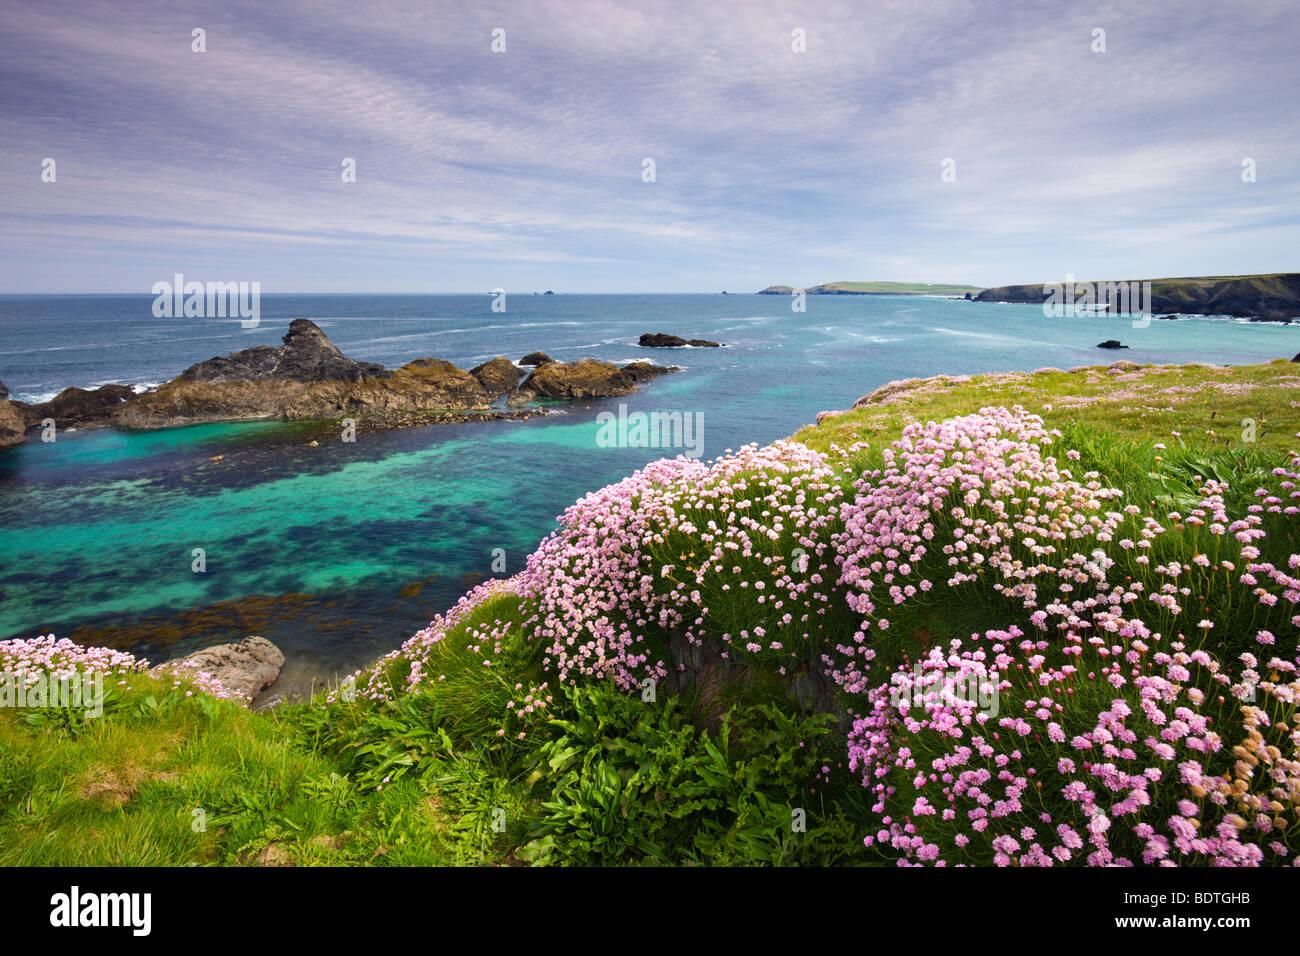 Mare parsimonia crescente sul Cornish clifftops vicino Porthcothan Bay, Cornwall, Inghilterra. Molla (maggio) 2009 Foto Stock